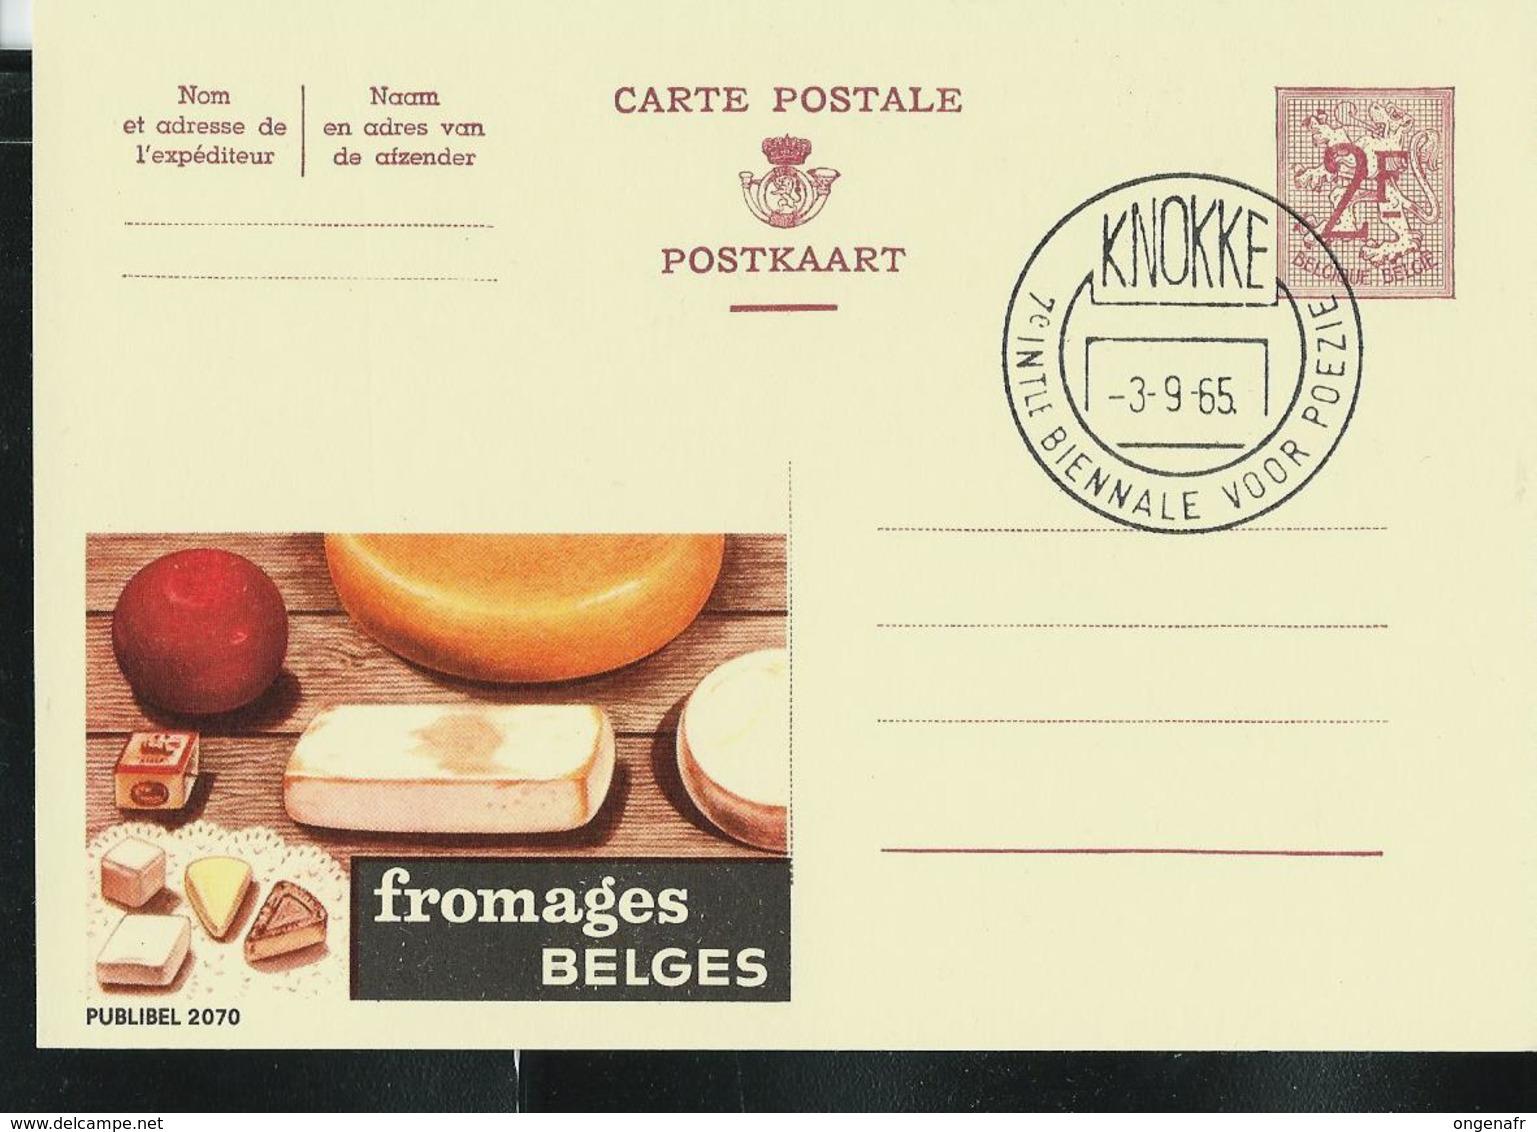 Publibel Obl. N° 2070 ( Fromages BELGES)  Obl. KNOKKE  03/09/65 - Stamped Stationery